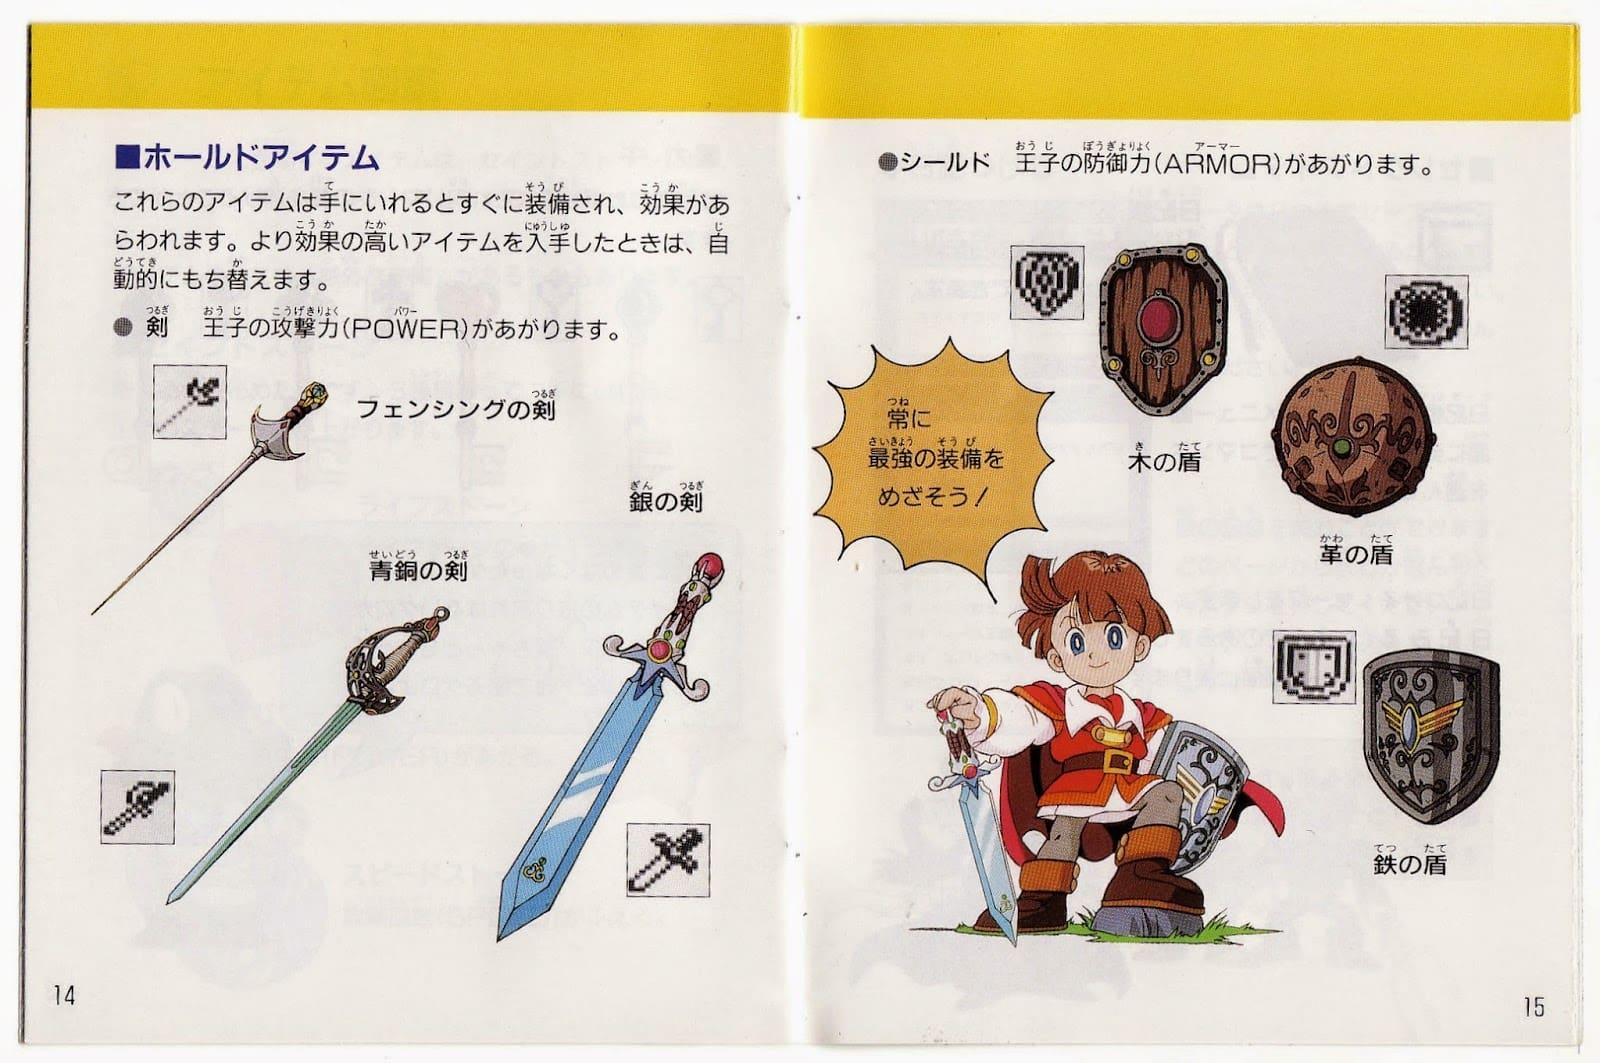 XnniQPW - 渋谷の女子高生87%「ゲームボーイのカエルの為に鐘は鳴るをやったことがない」